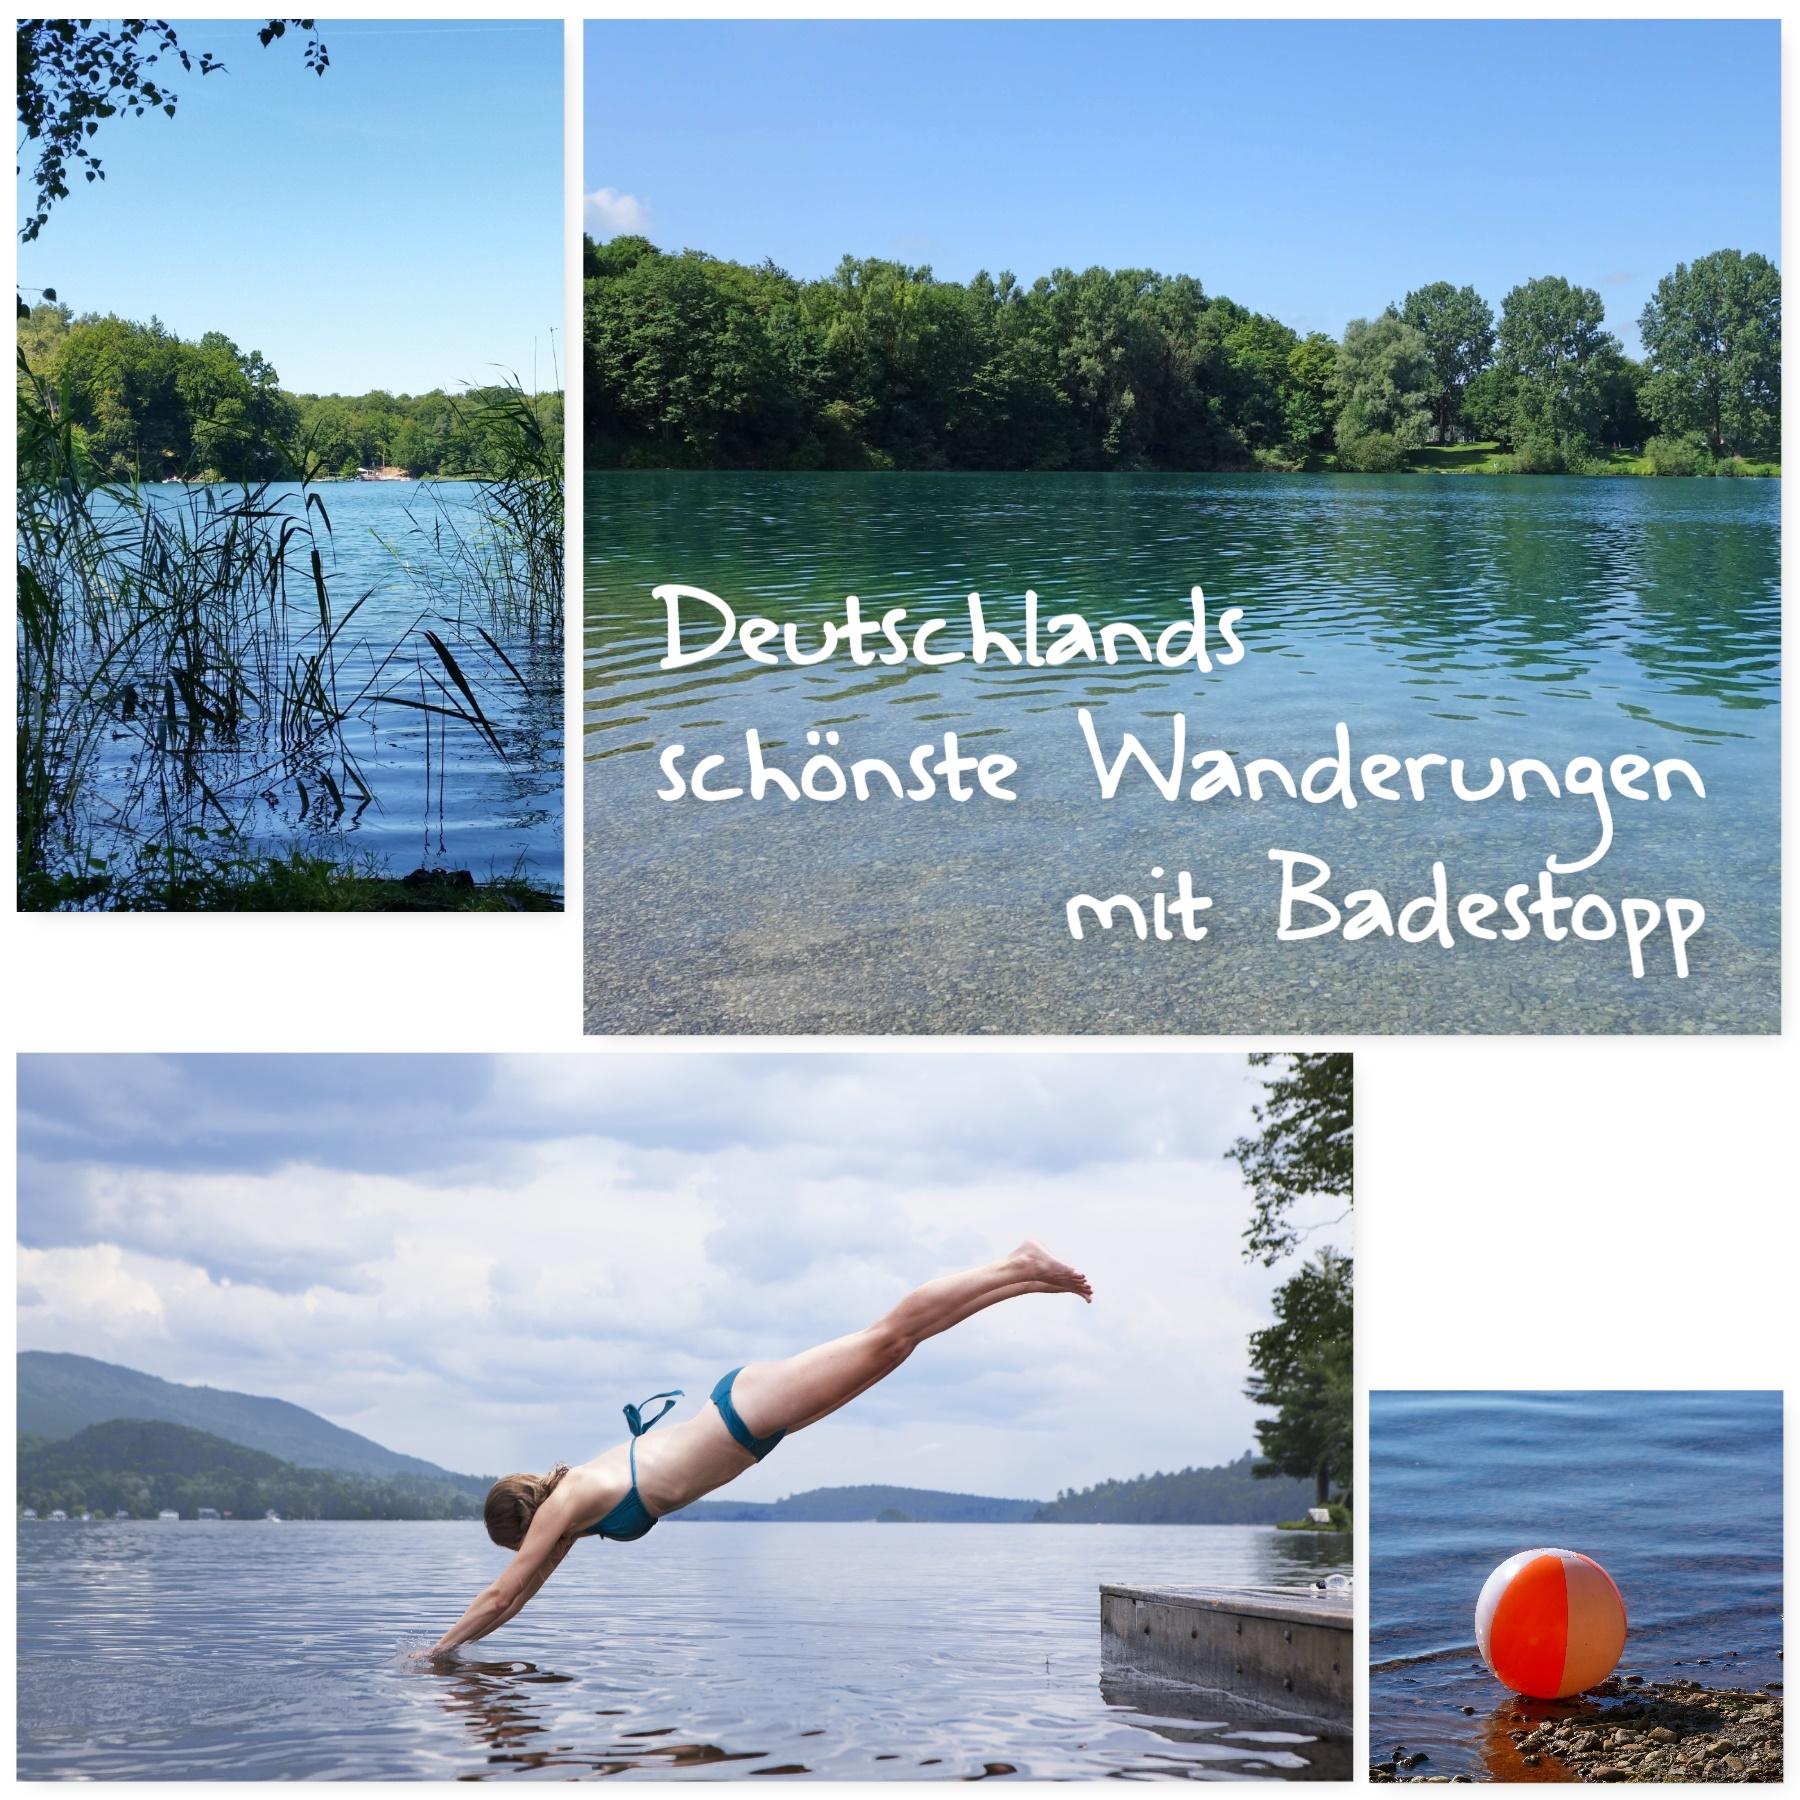 Deutschlands schönste Wanderungen mit Badestopp